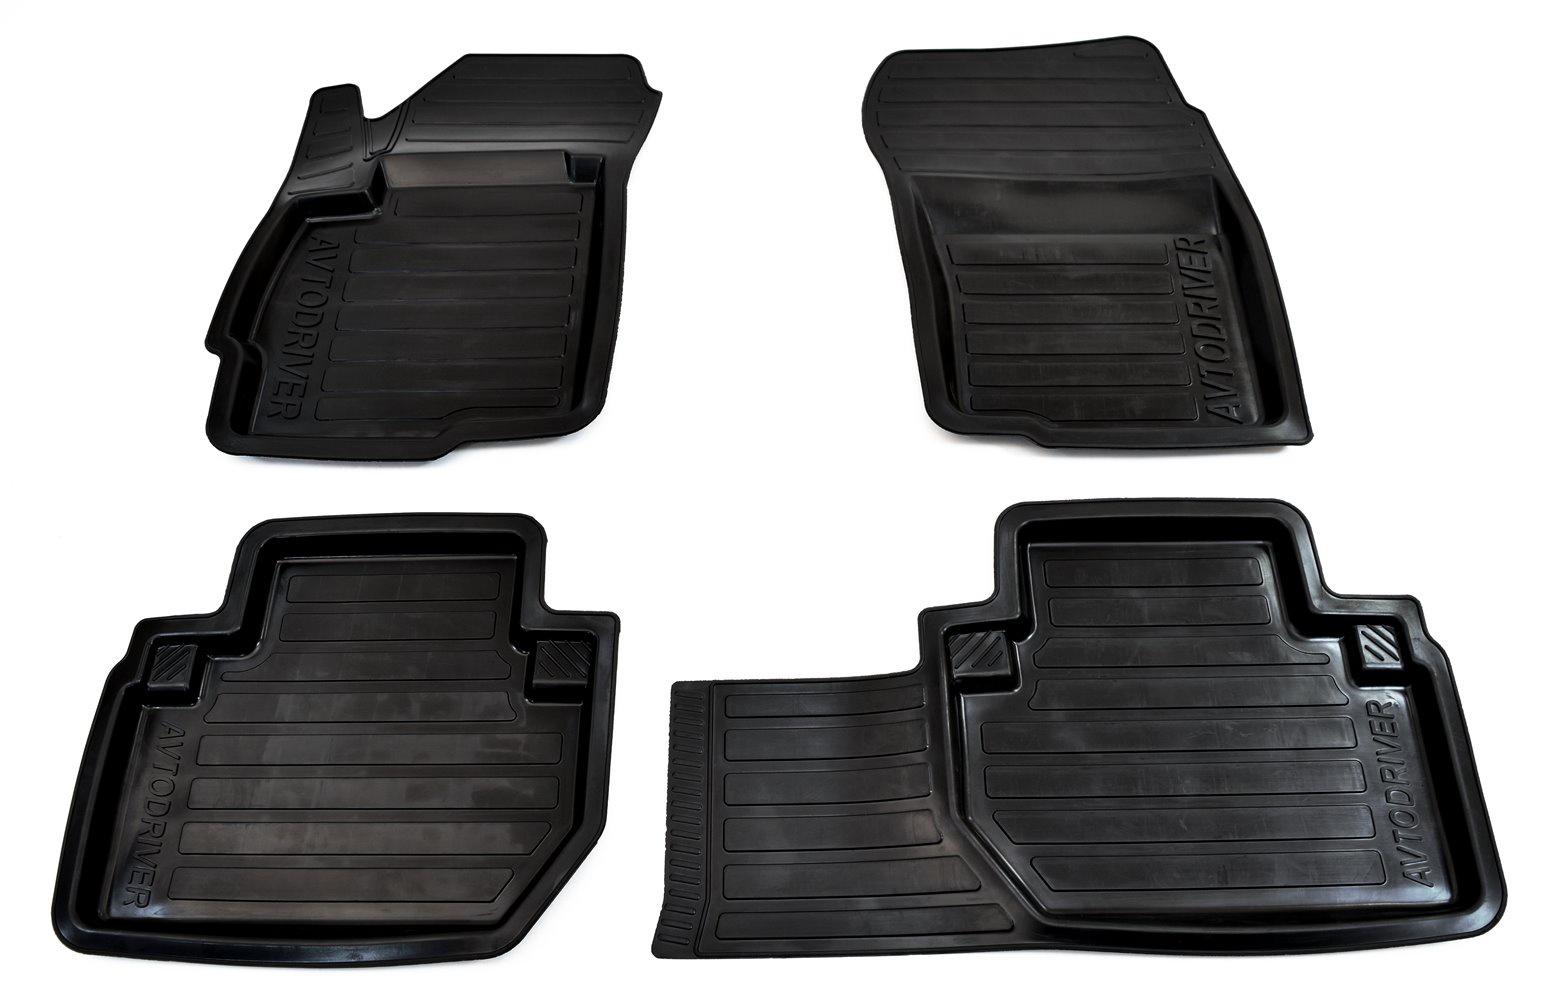 цена на Коврики салона Avtodriver для Mitsubishi Outlander (2012-) ADRAVG171, резиновые, с бортиком, черный